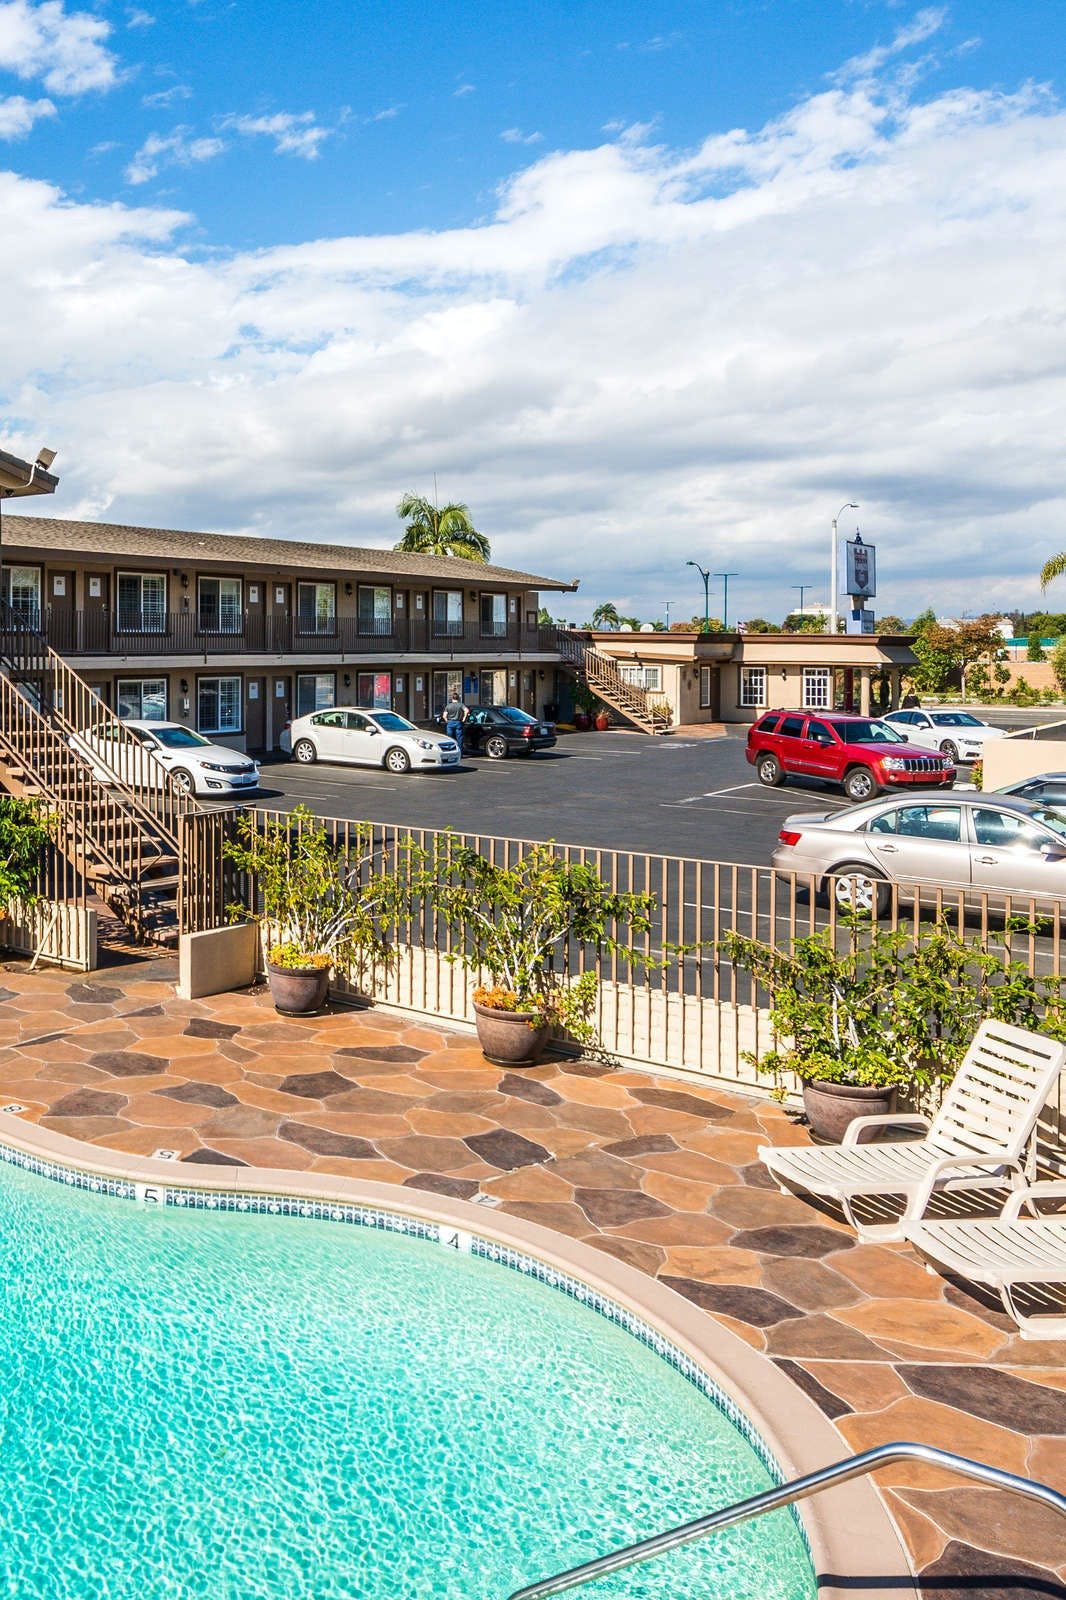 Hotel 414 Anaheim